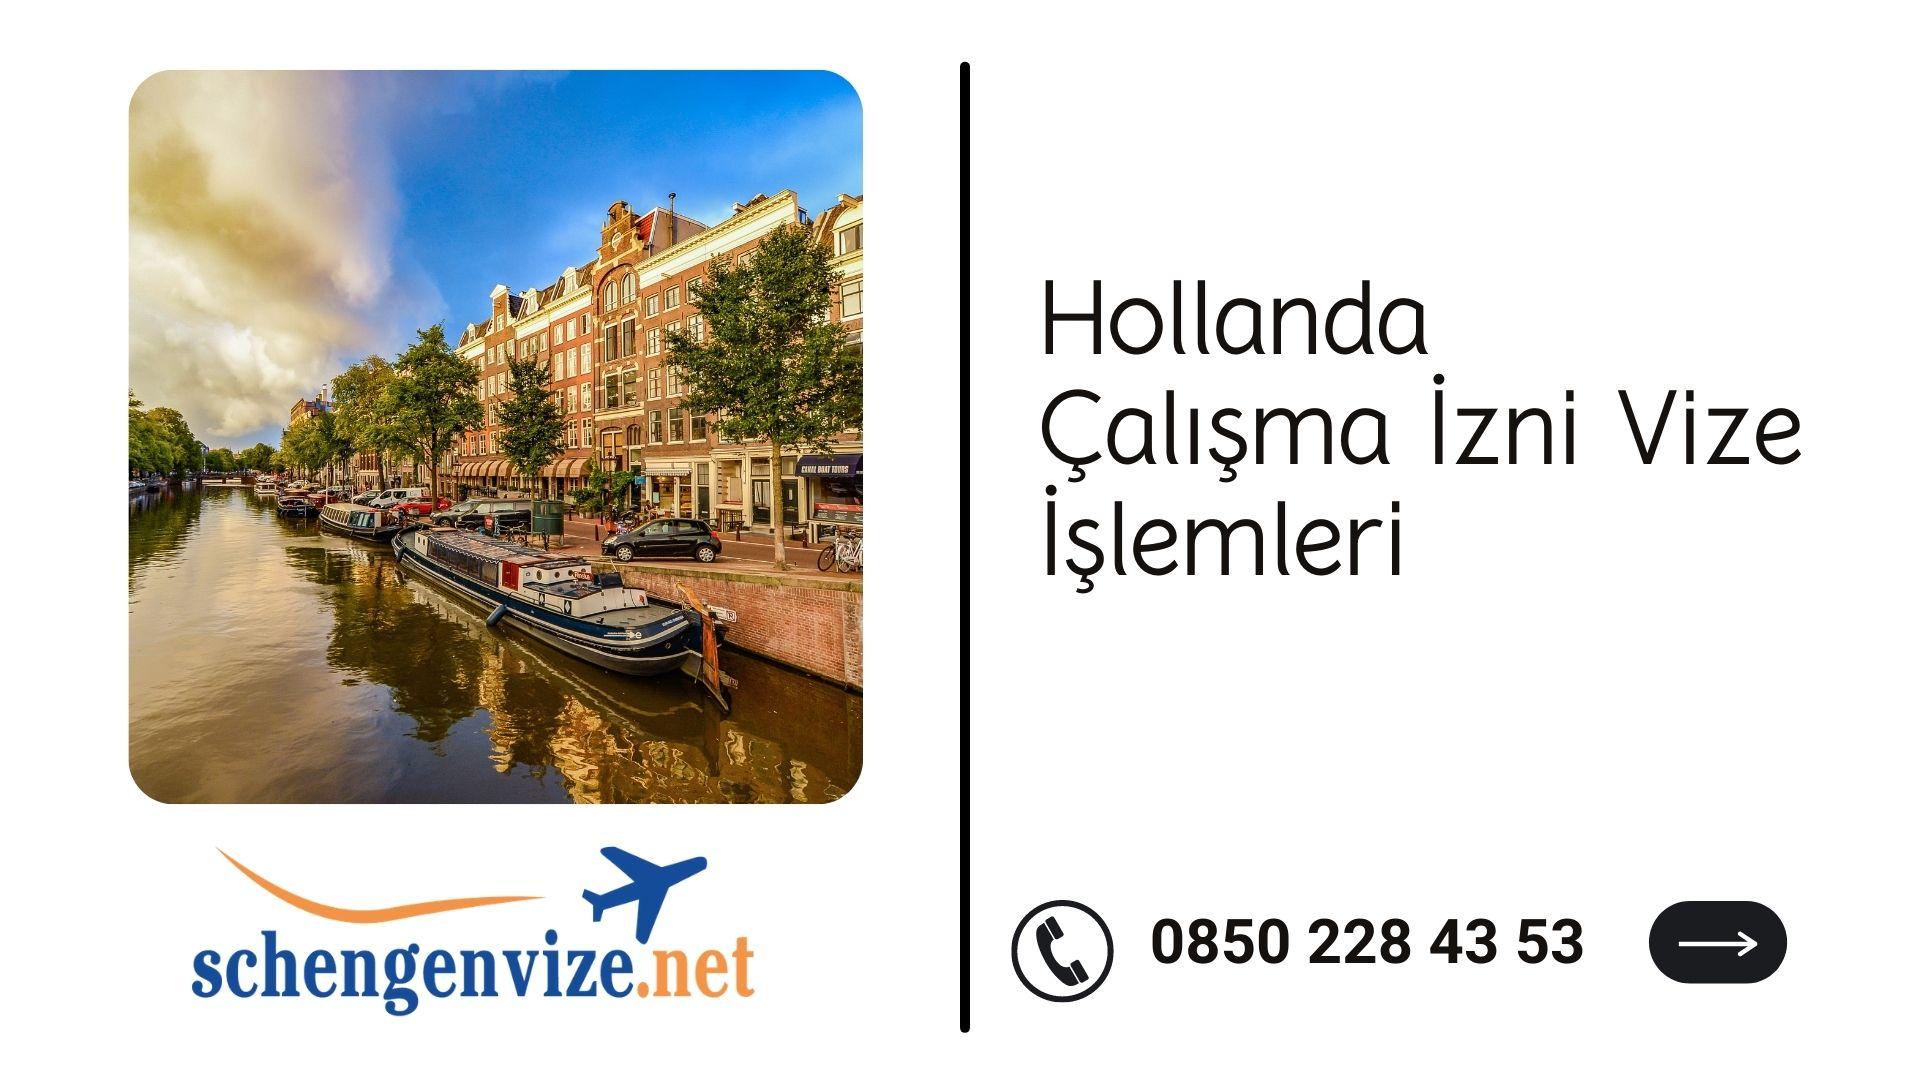 Hollanda Çalışma İzni Vize İşlemleri